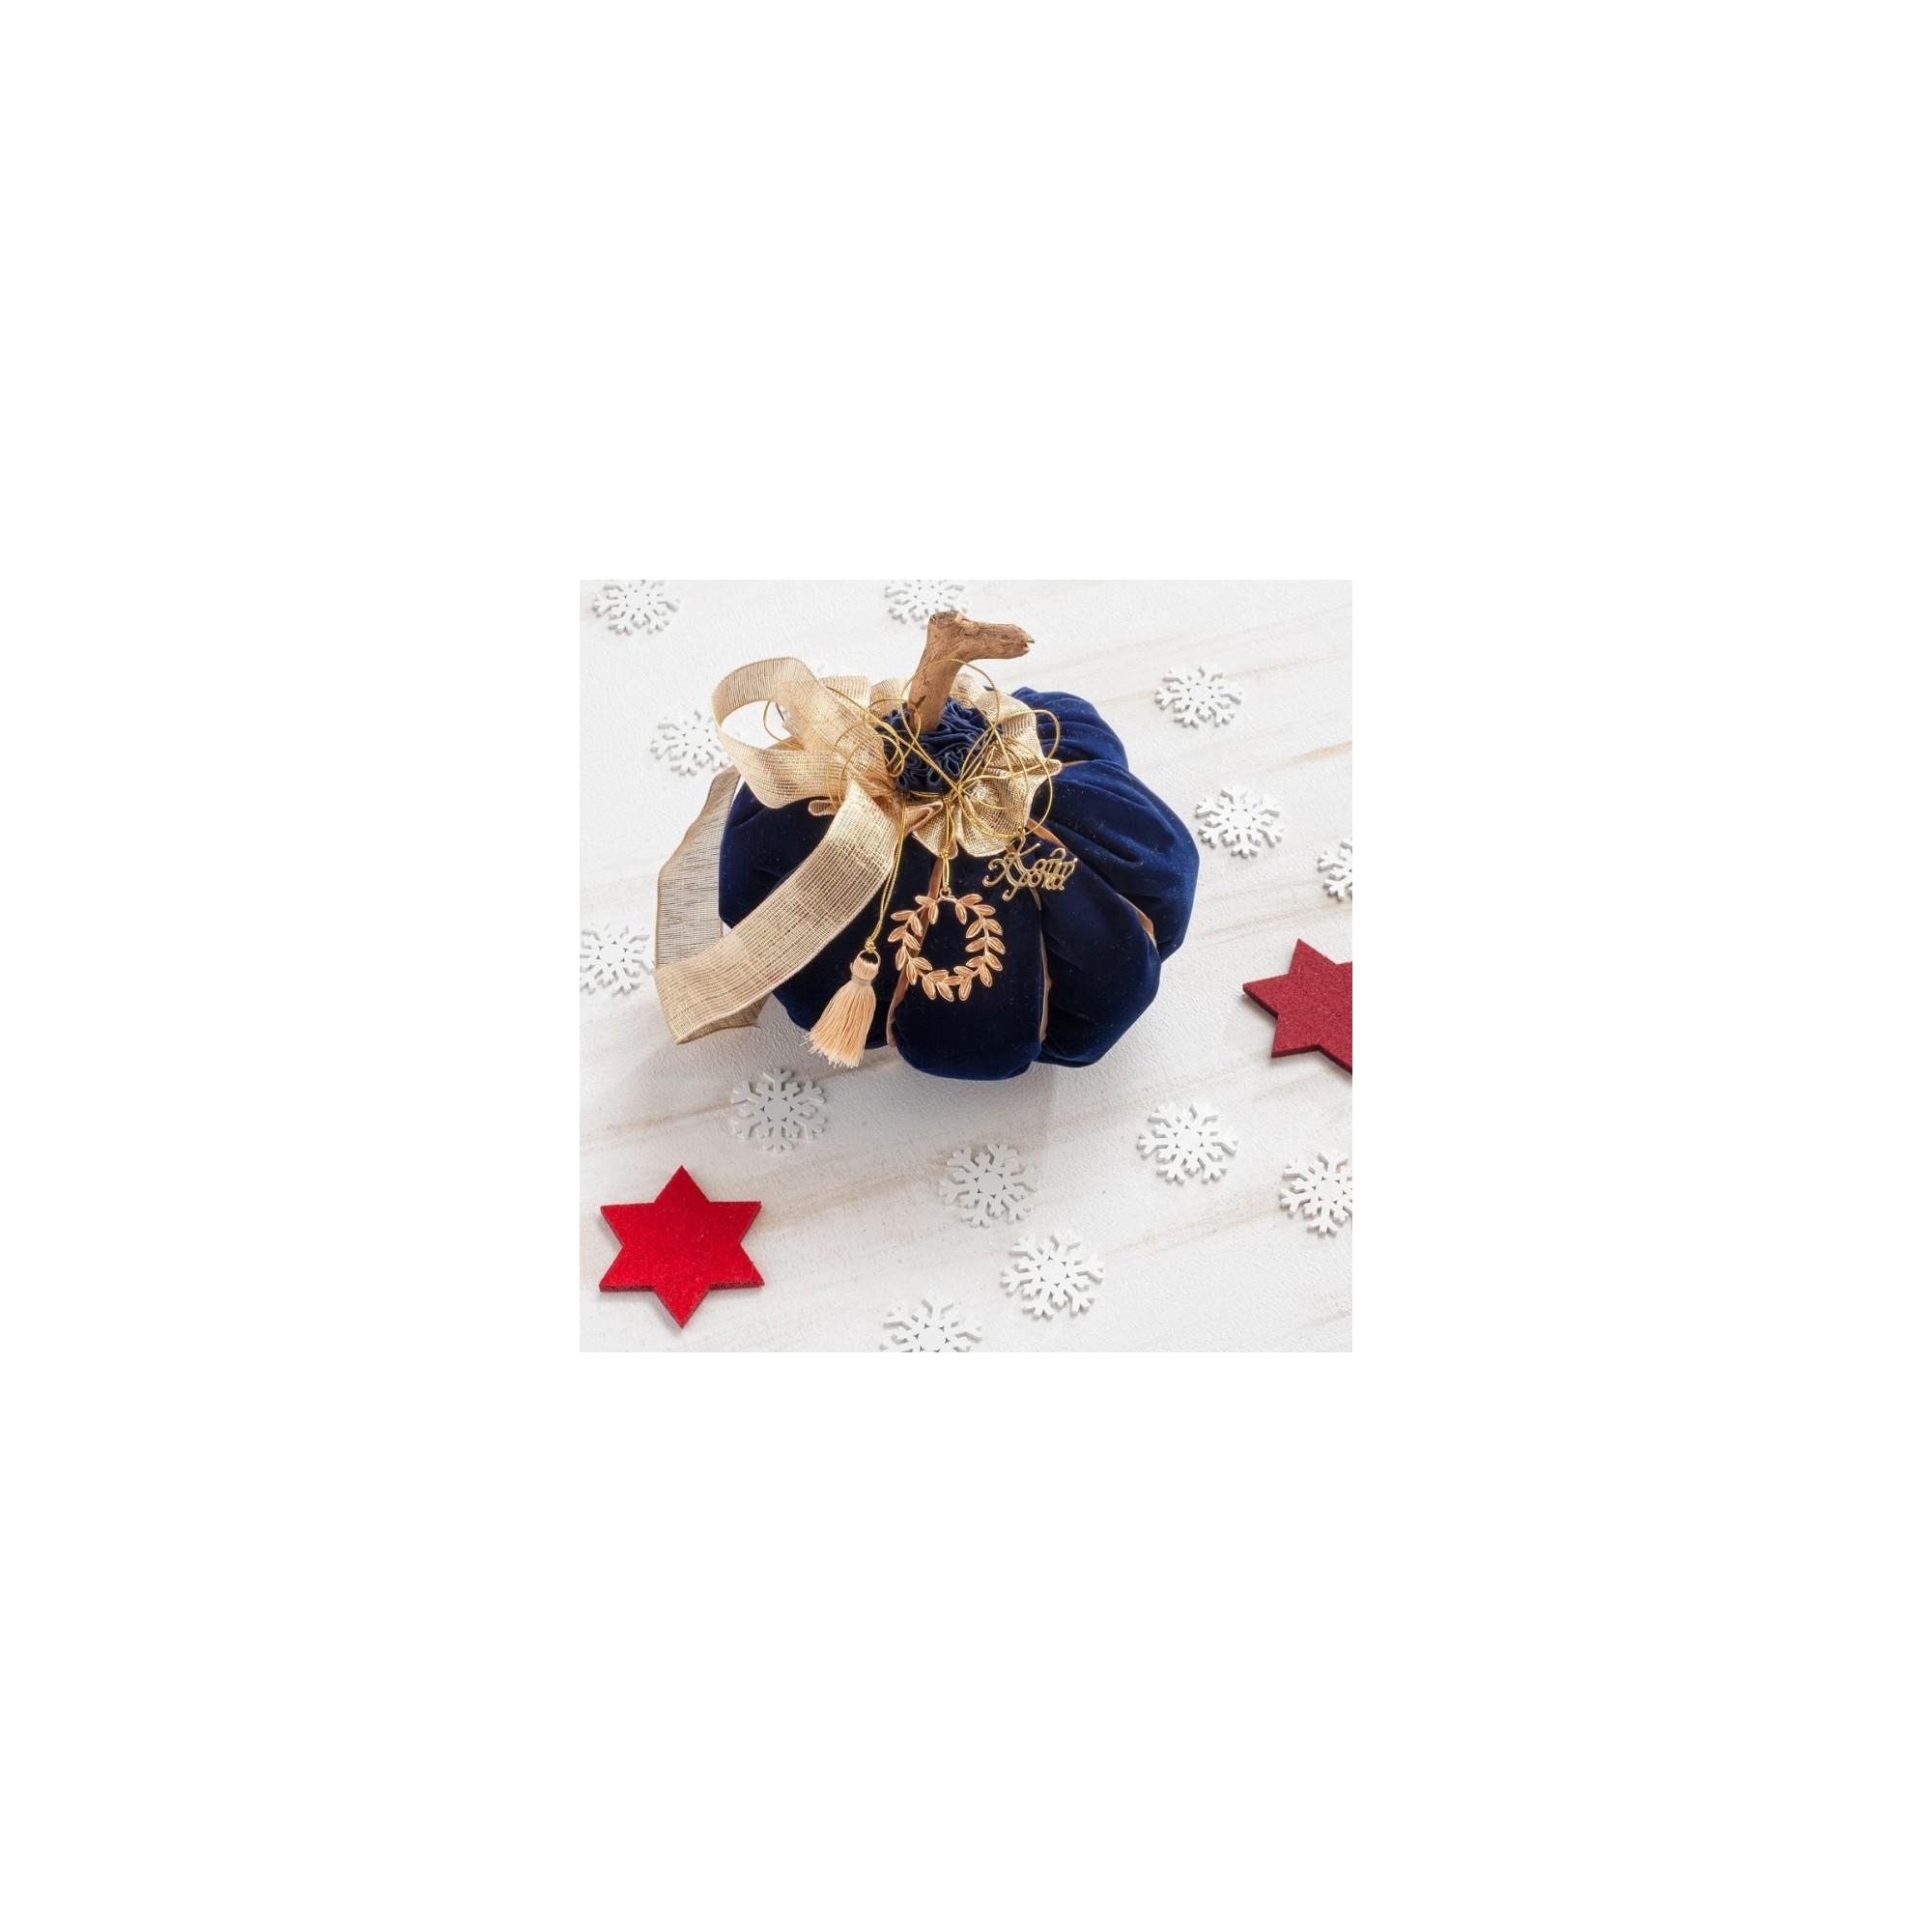 Χριστουγεννιάτικη Διακοσμητική κολοκύθα - PAR-14806